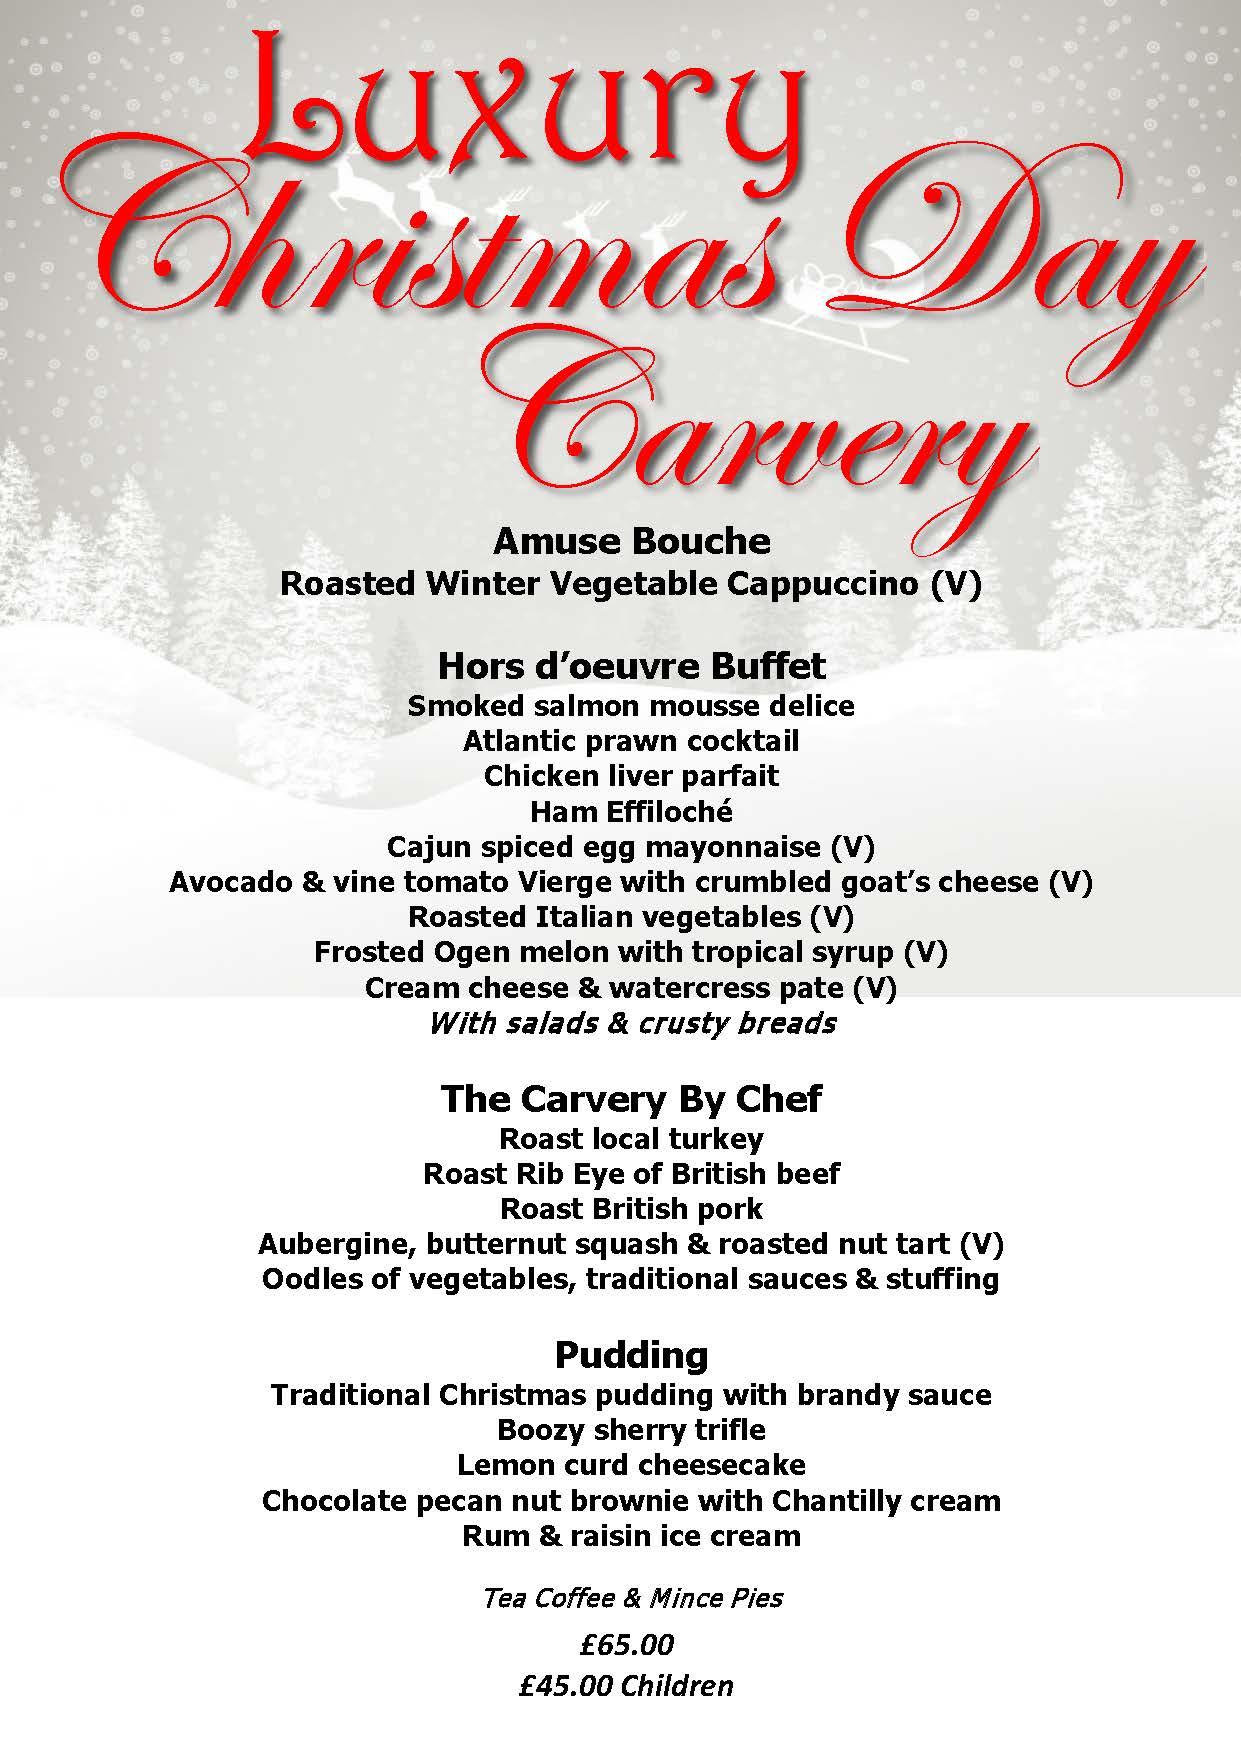 Christmas Day Carvery - Web Site.jpg